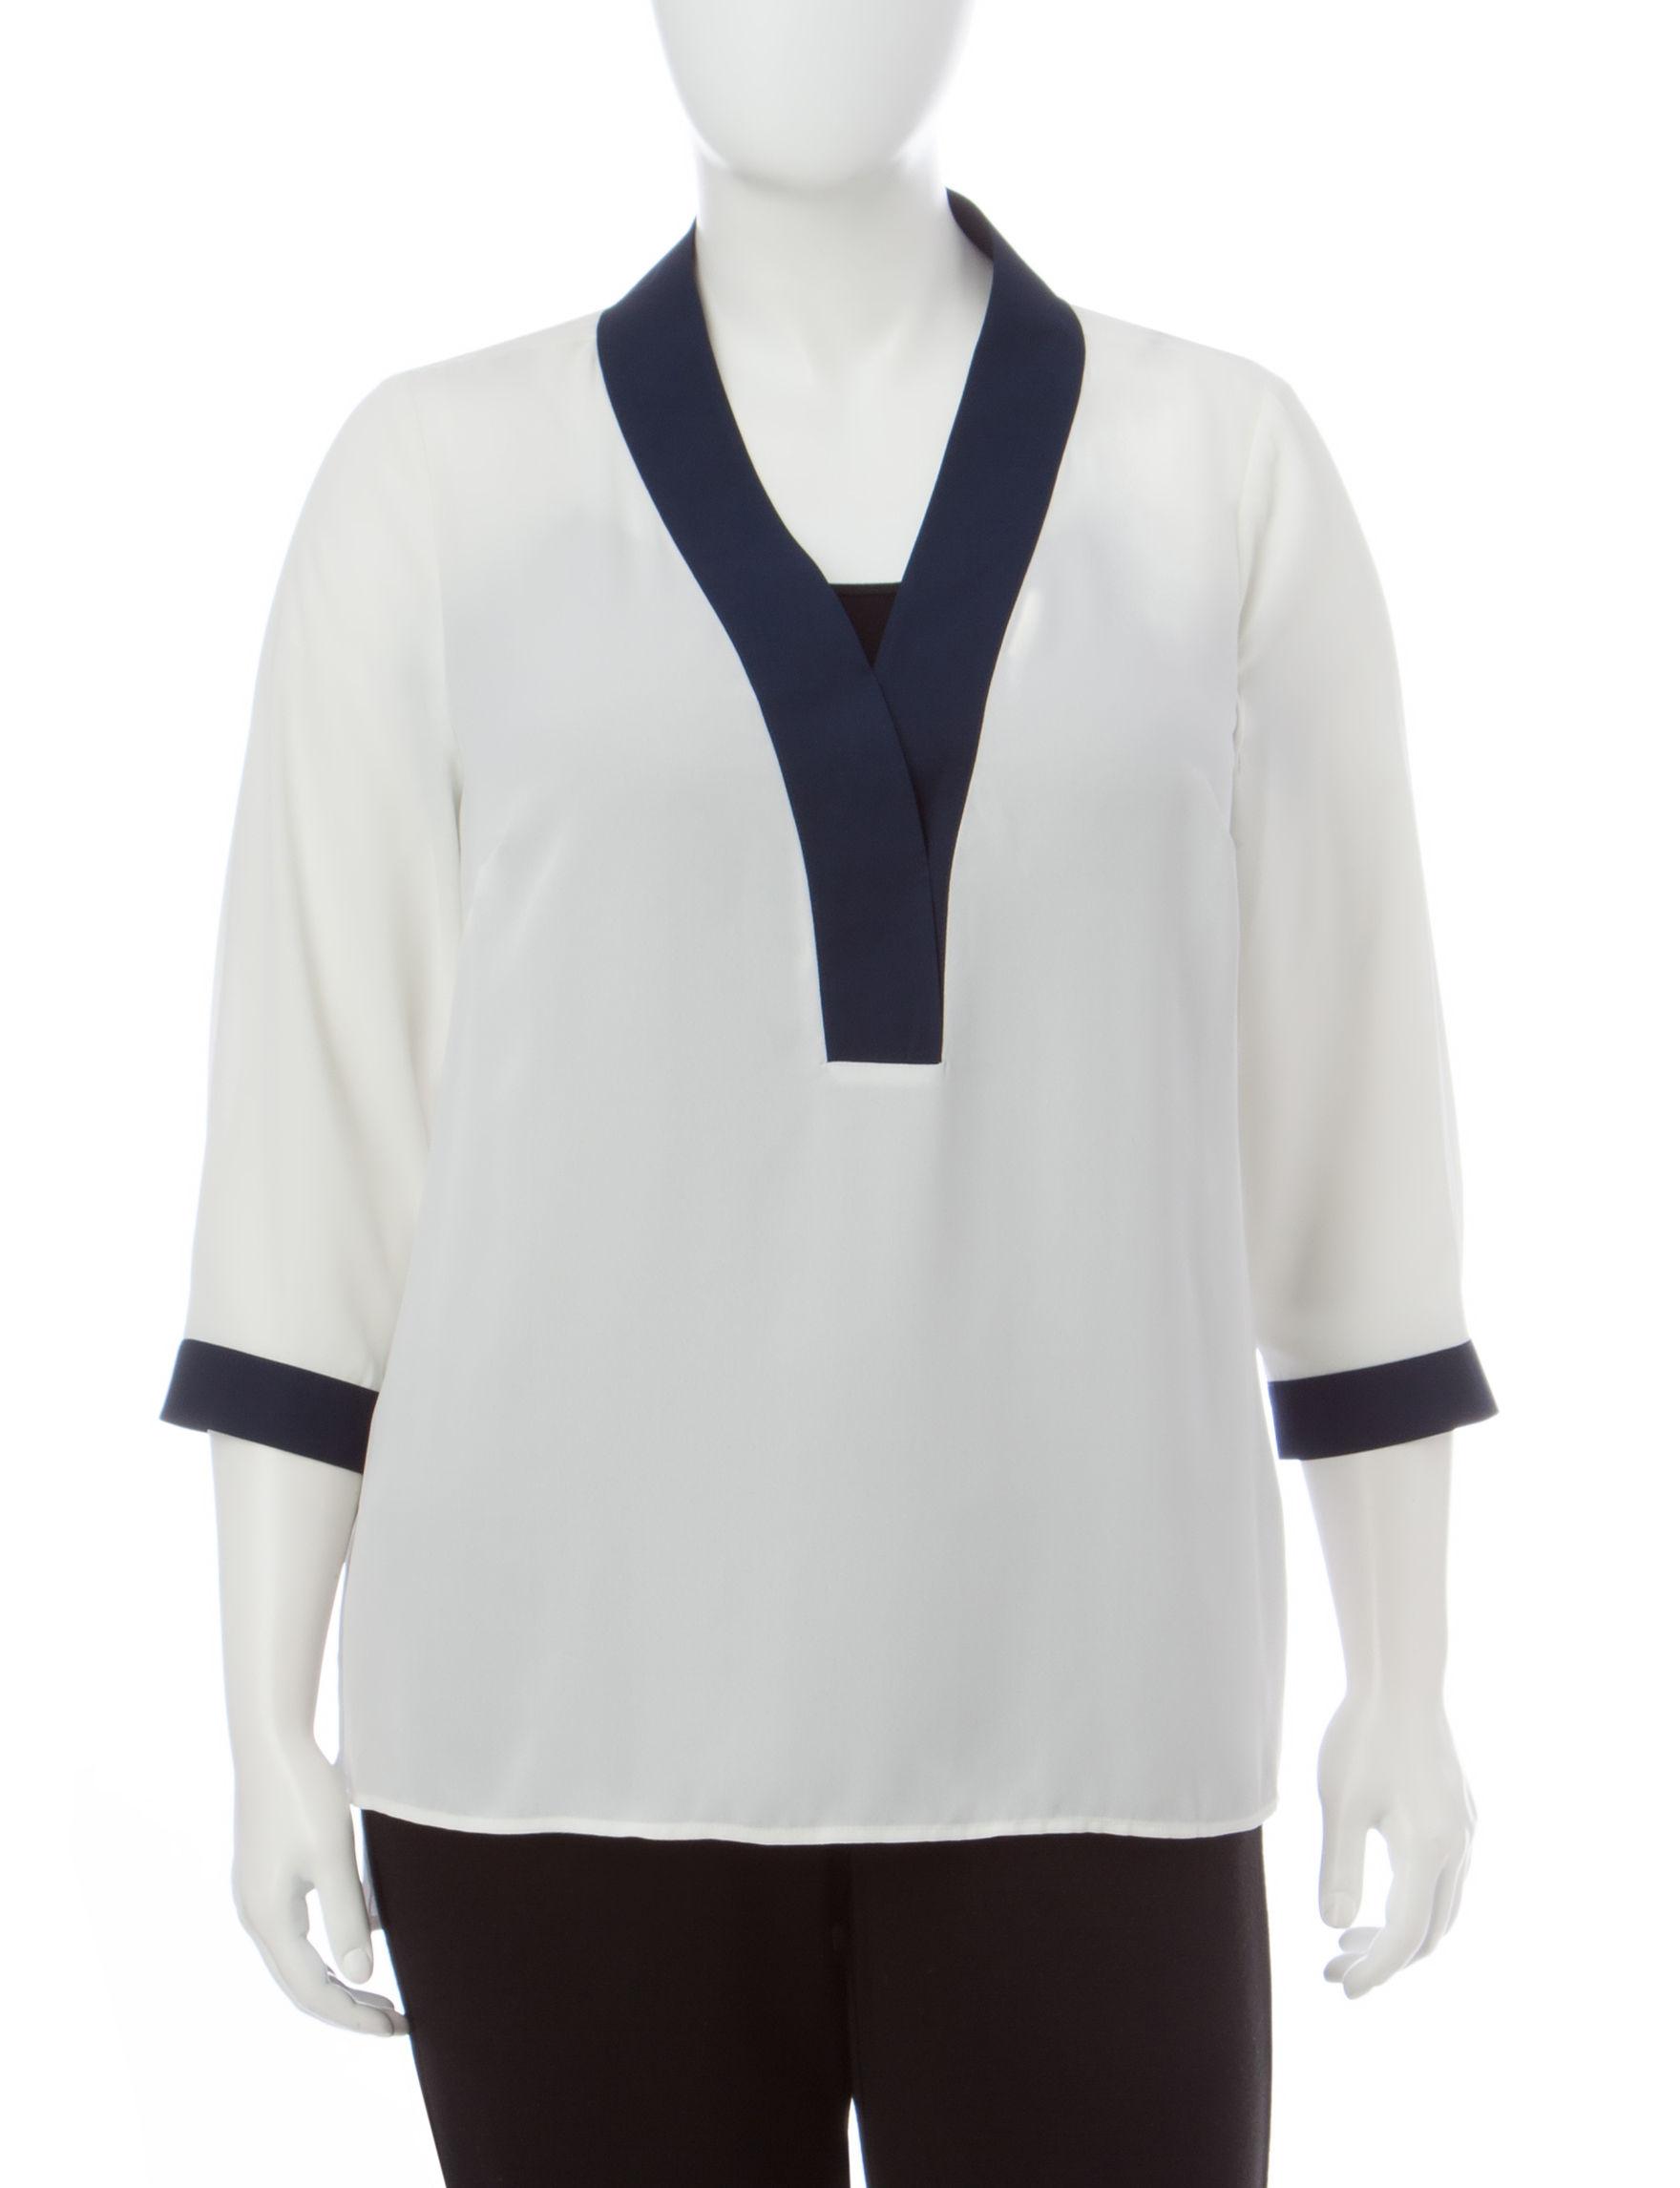 Valerie Stevens Cream Shirts & Blouses